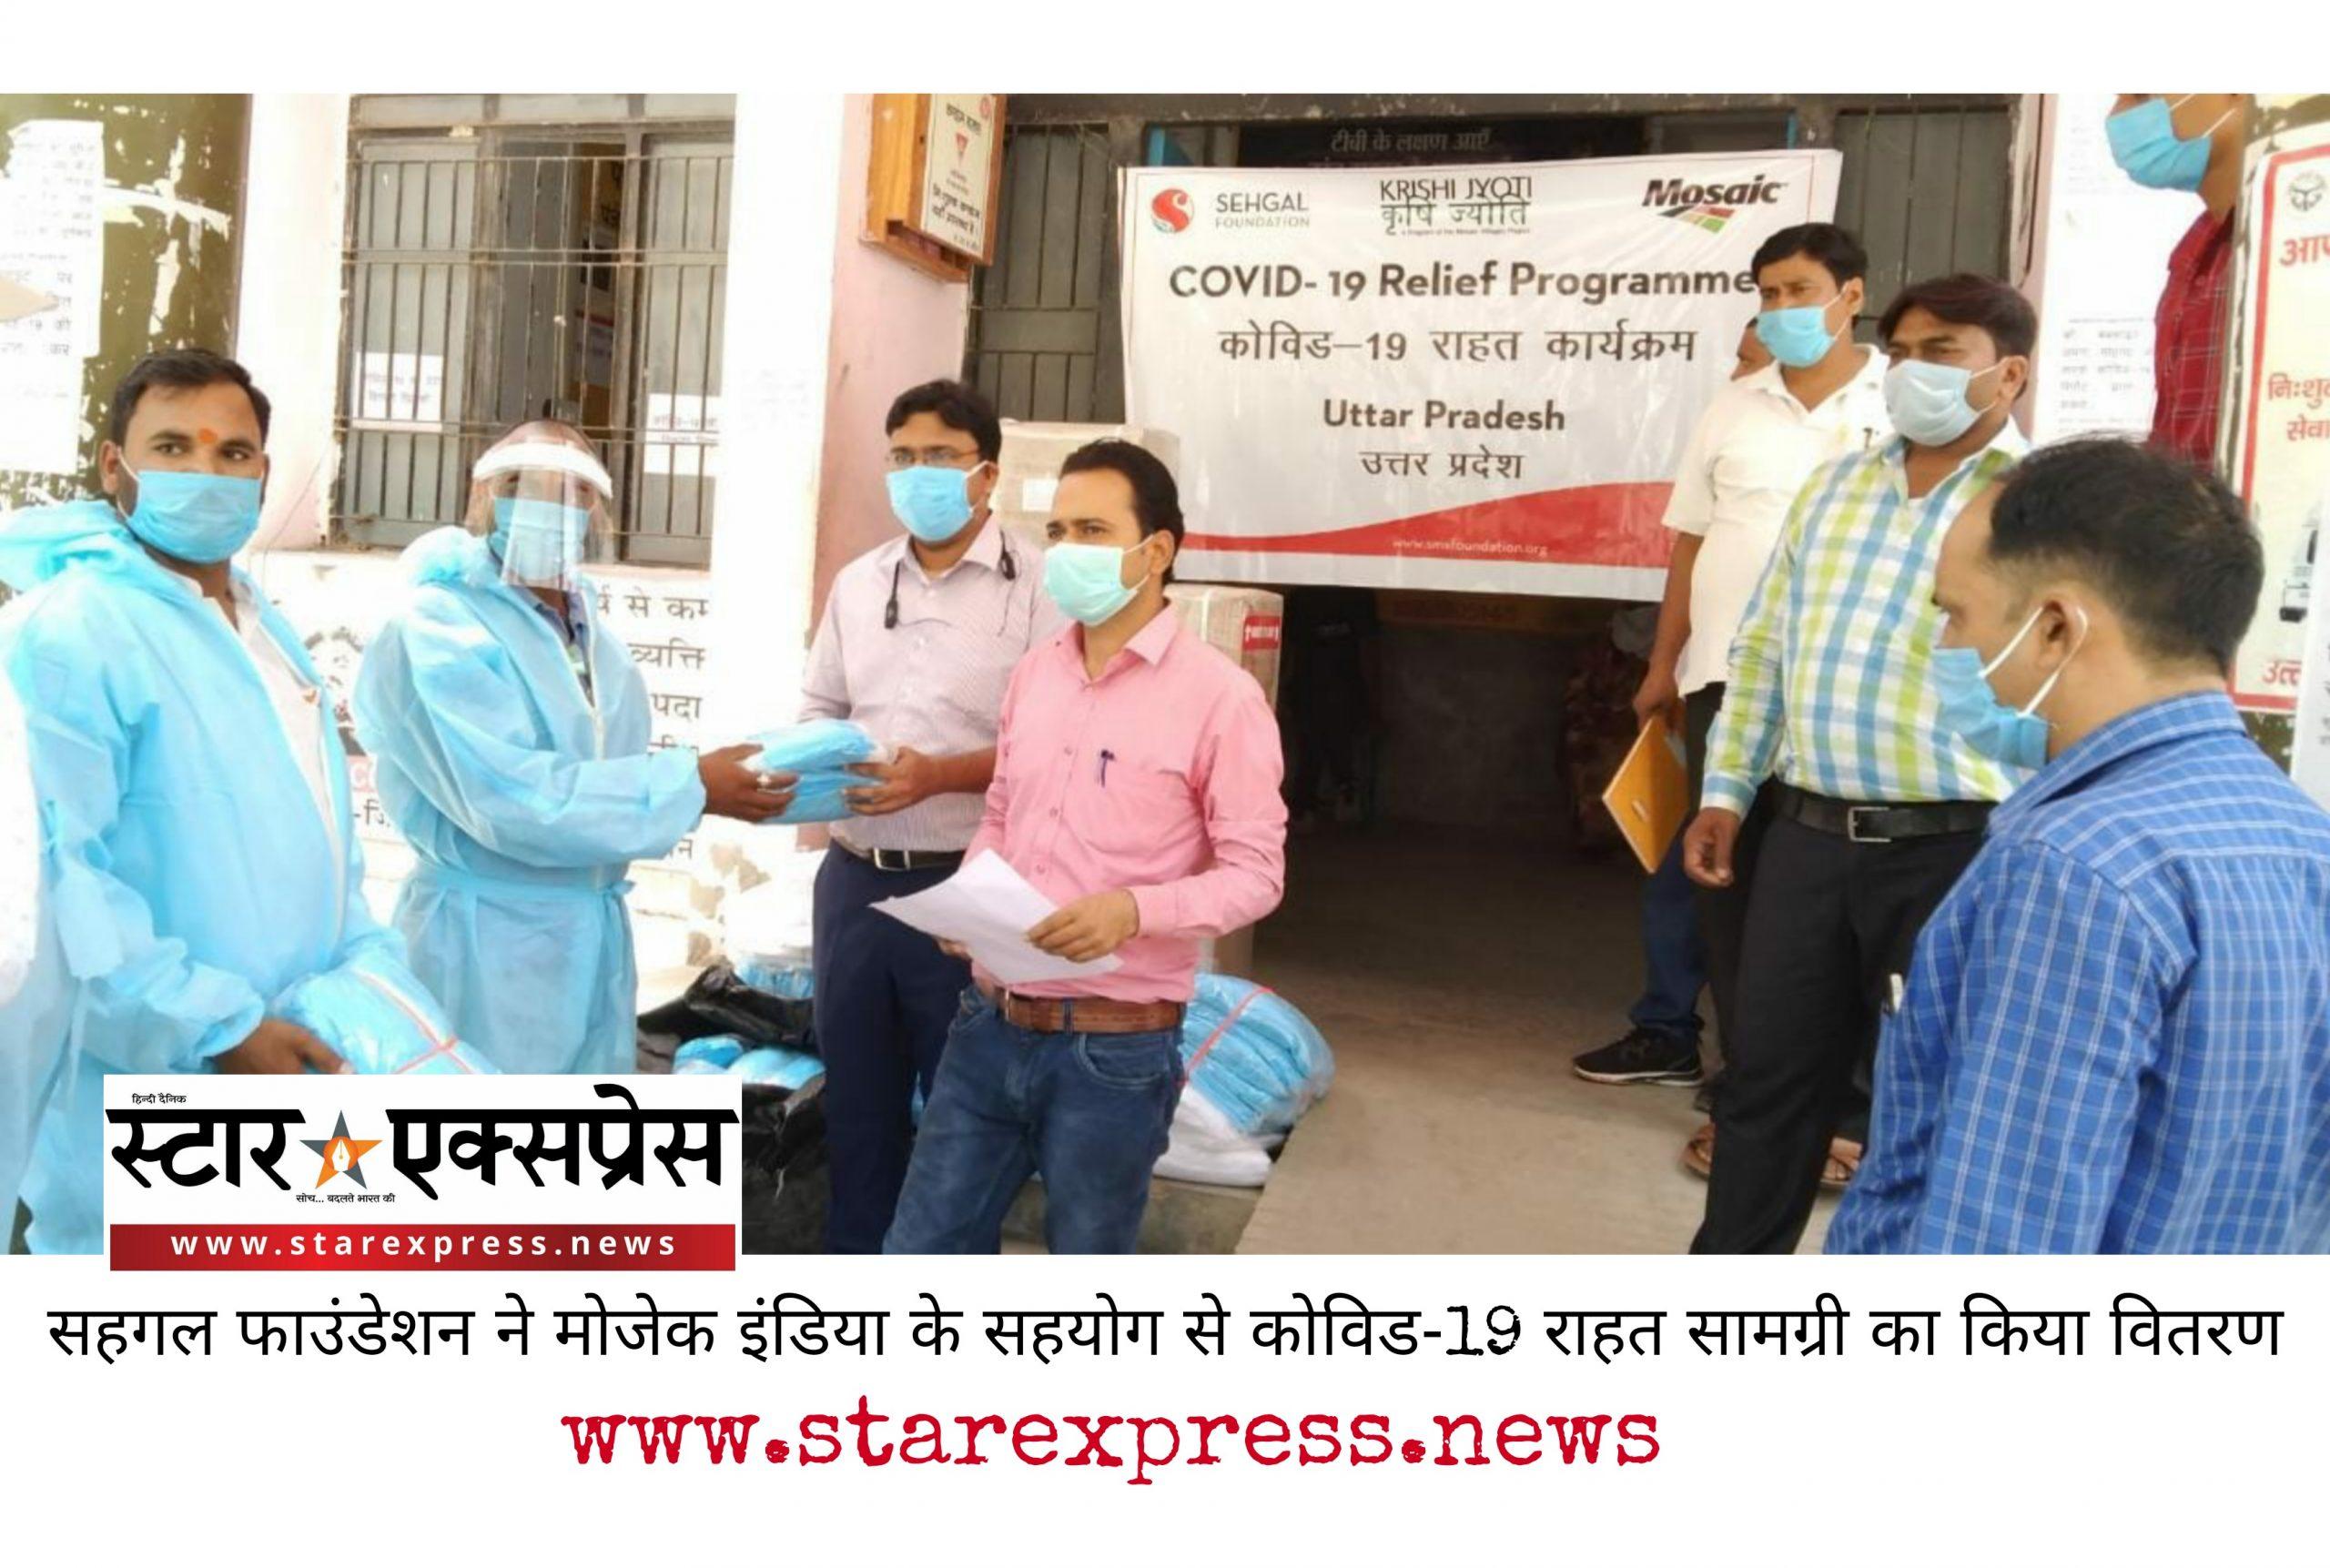 Photo of सहगल फाउंडेशन ने मोजेक इंडिया के सहयोग से कोविड-19 राहत सामग्री का किया वितरण